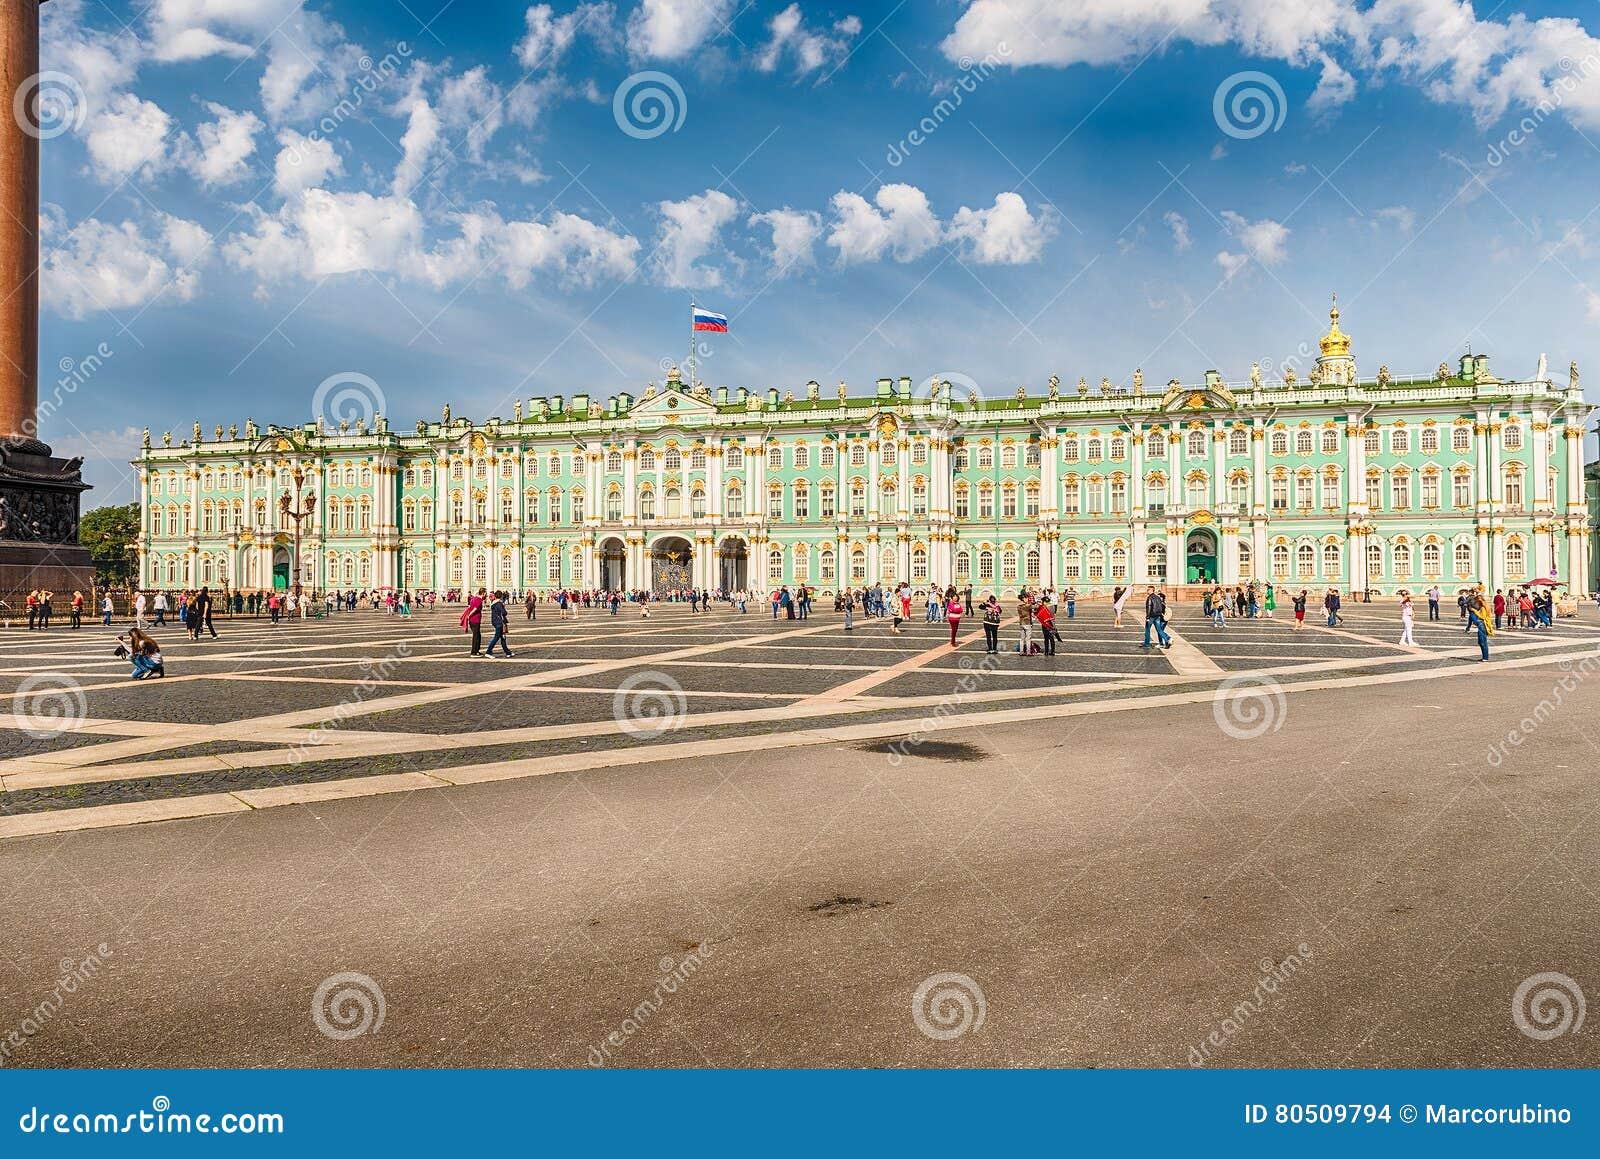 Πρόσοψη του χειμερινού παλατιού, μουσείο ερημητηρίων, Αγία Πετρούπολη, Ρ